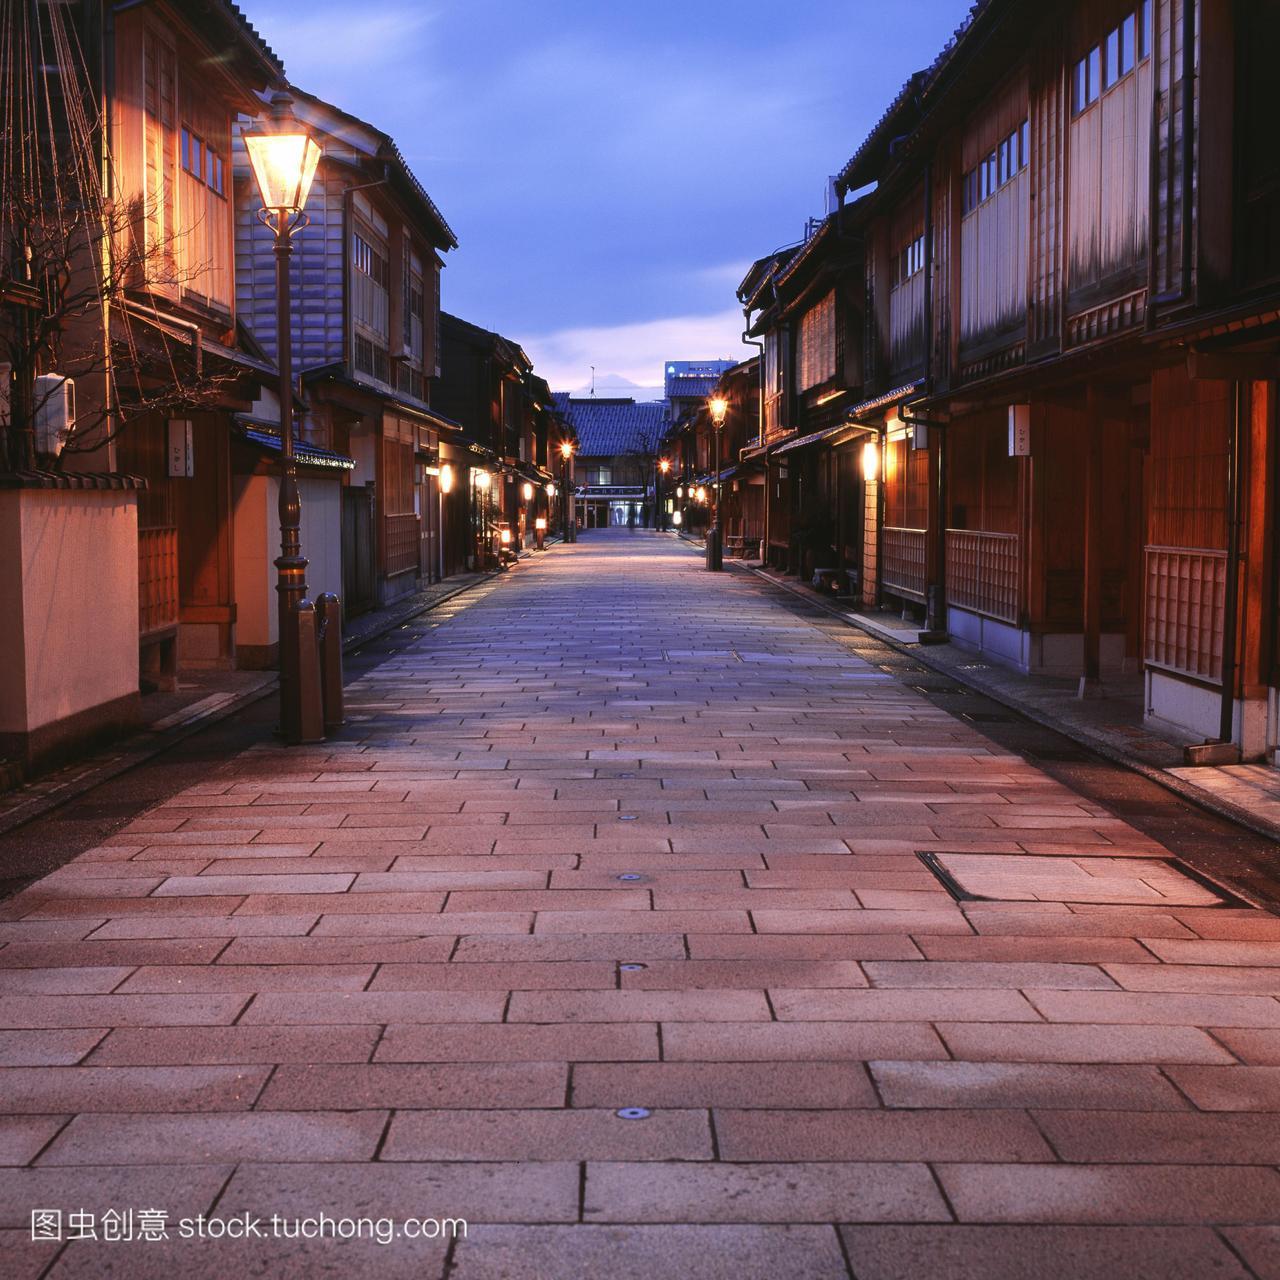 旧日本风格建筑金泽市石川县日本本州岛